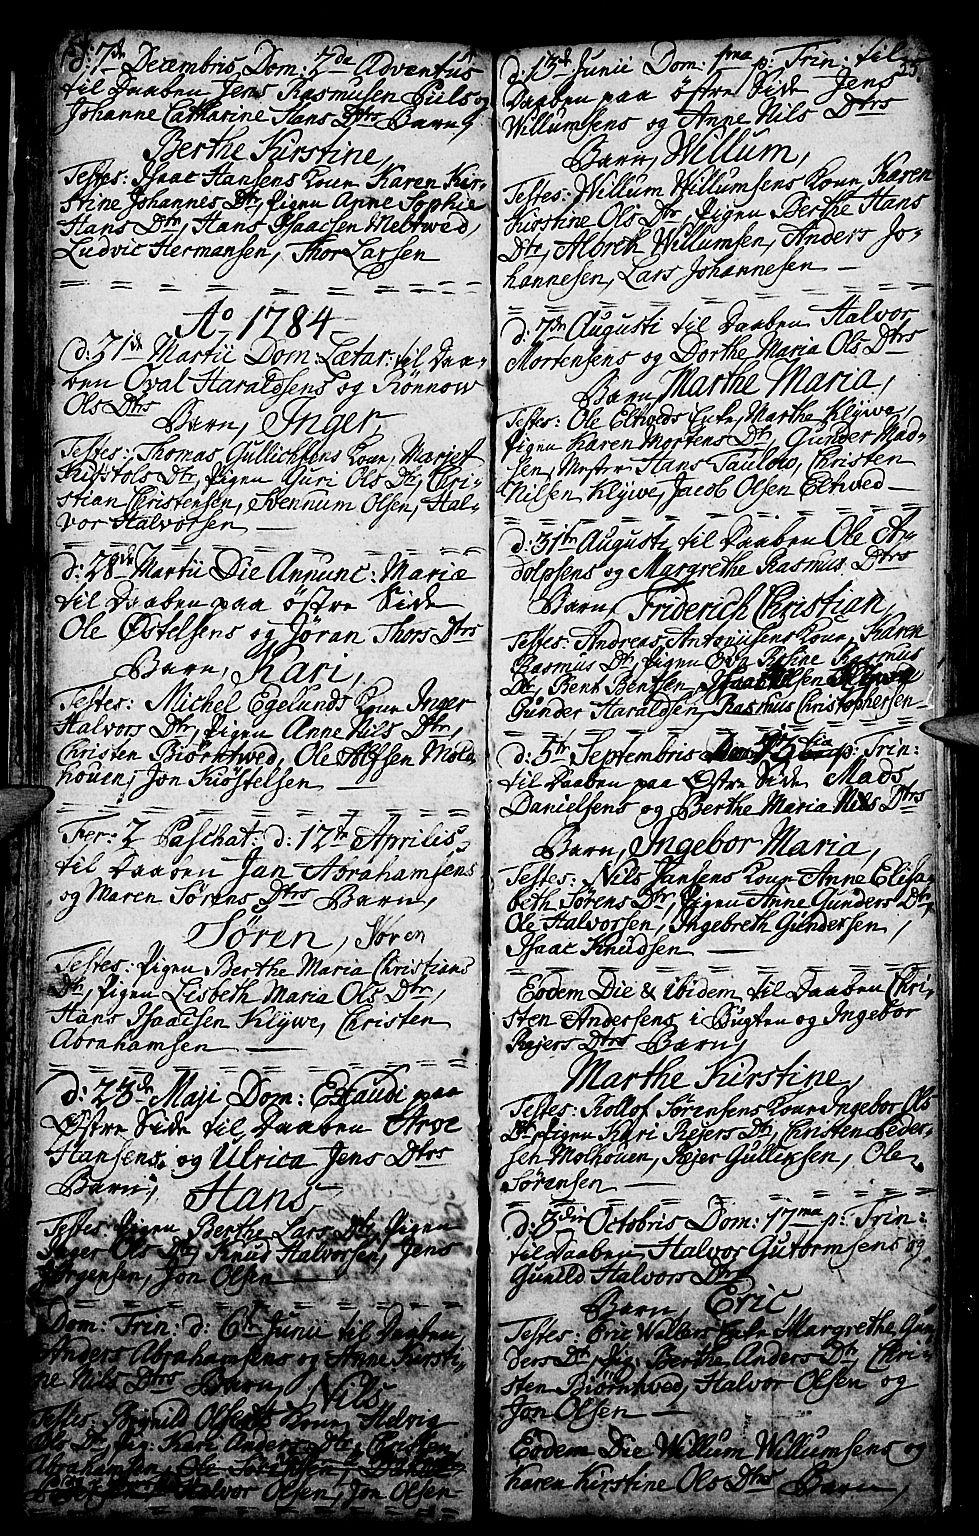 SAKO, Porsgrunn kirkebøker , G/Ga/L0001: Klokkerbok nr. I 1, 1766-1790, s. 54-55